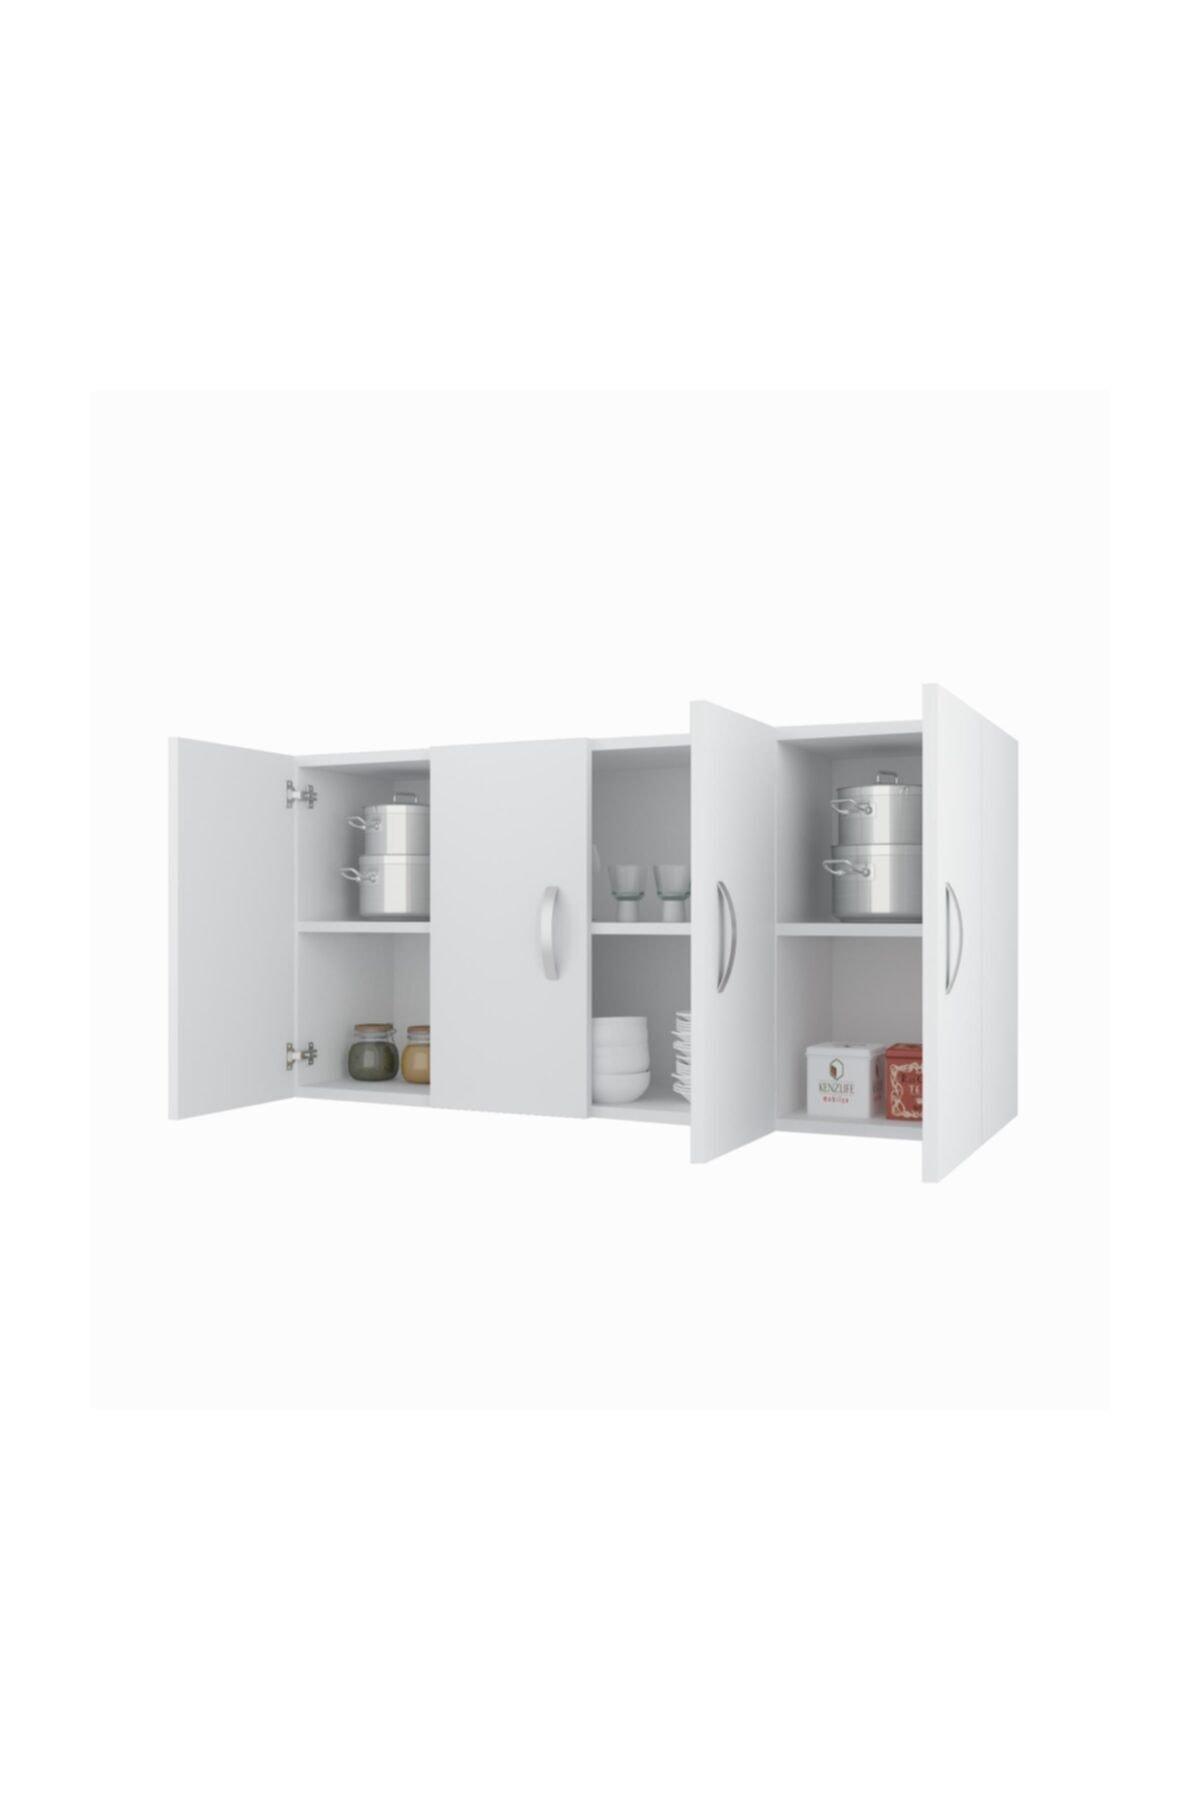 Banyo Dolabı Ruslana Byz 060*120*22 Mutfak Ofis Dolabı Kitaplık Kapaklı Raflı